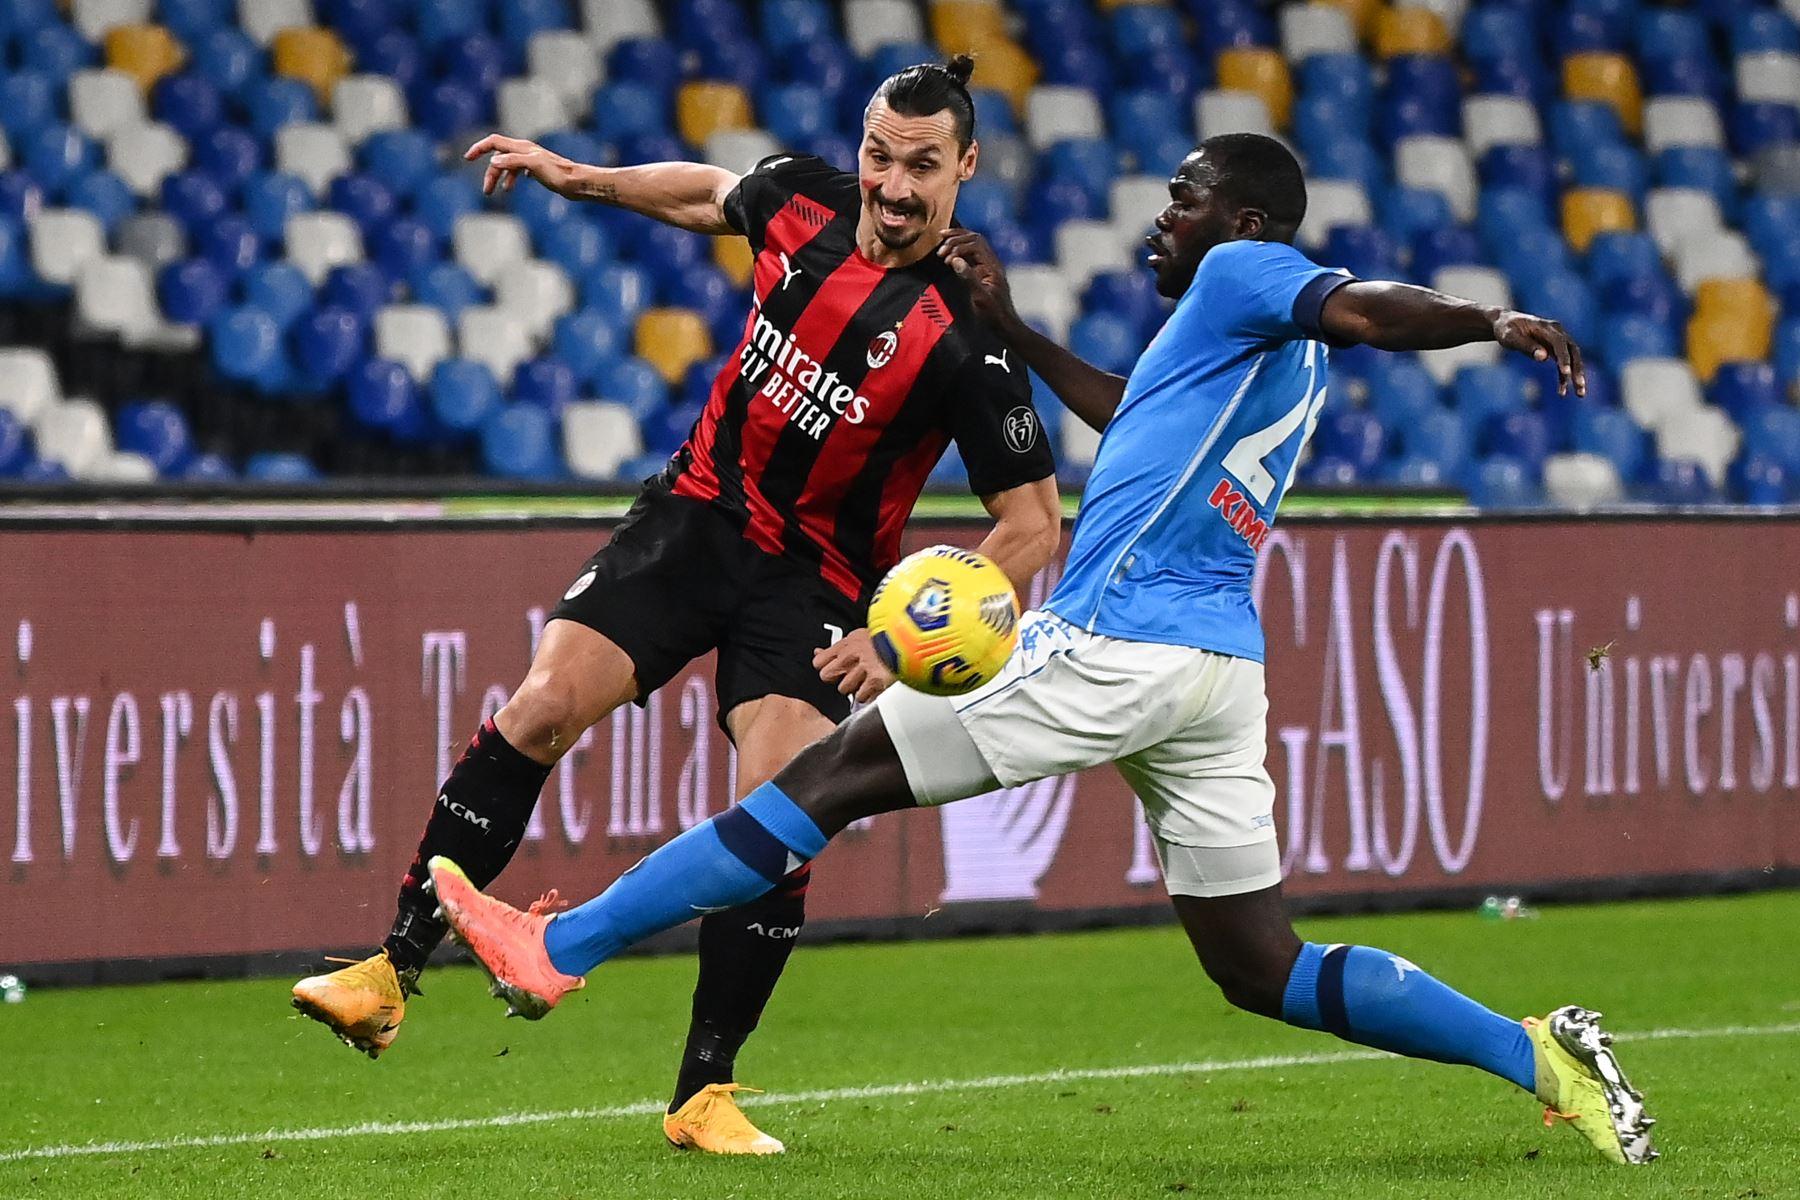 El defensor senegalés del Napoli Kalidou Koulibaly aborda al delantero sueco del AC Milán Zlatan Ibrahimovic durante el partido de fútbol de la Serie A italiana Napoli vs AC Milán en el estadio San Paolo en Nápoles. Foto: AFP